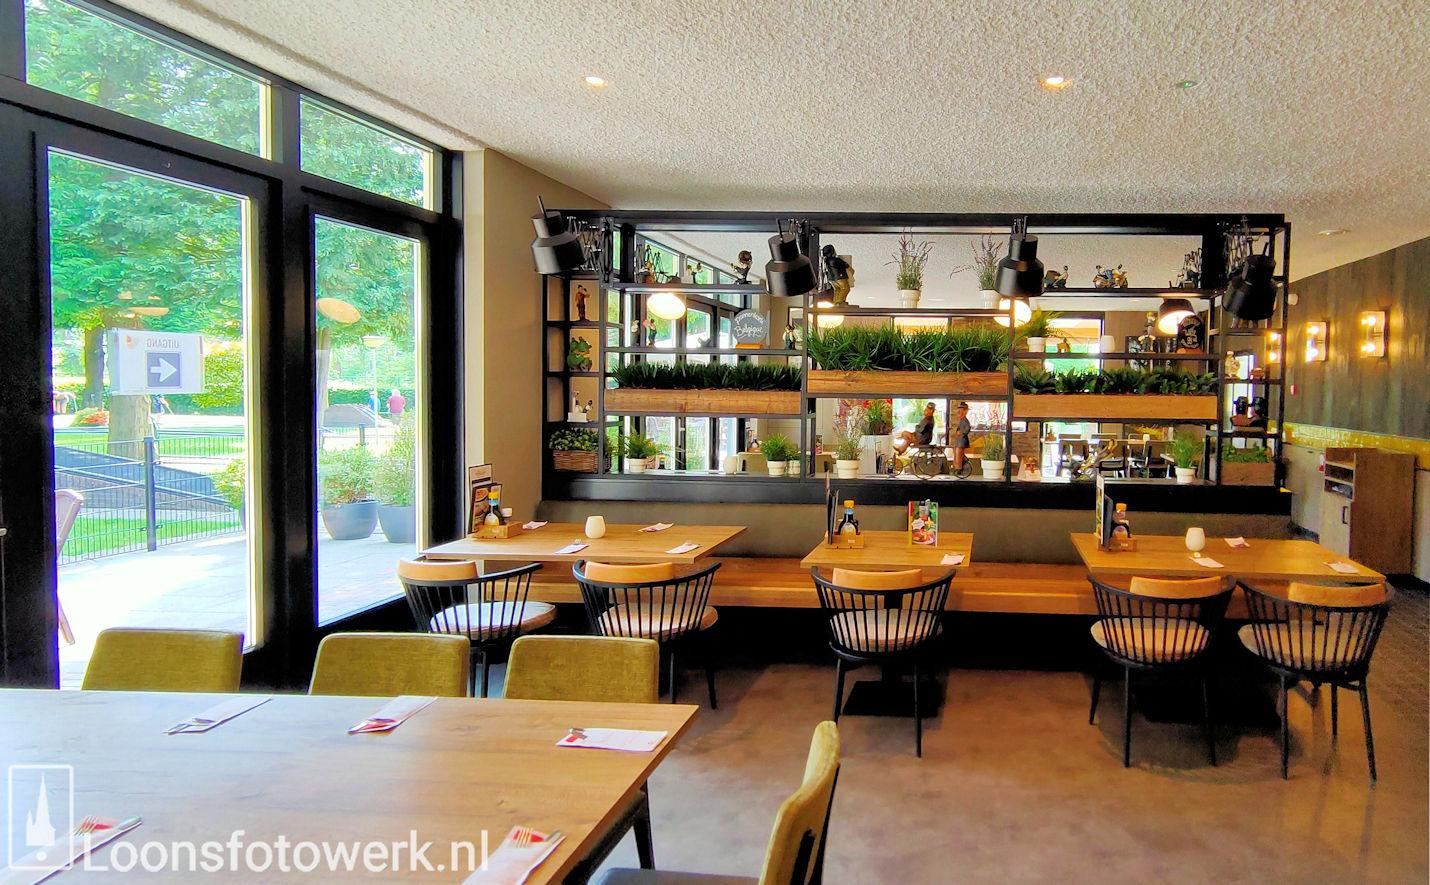 Pannenkoekenrestaurant De Financiën 75